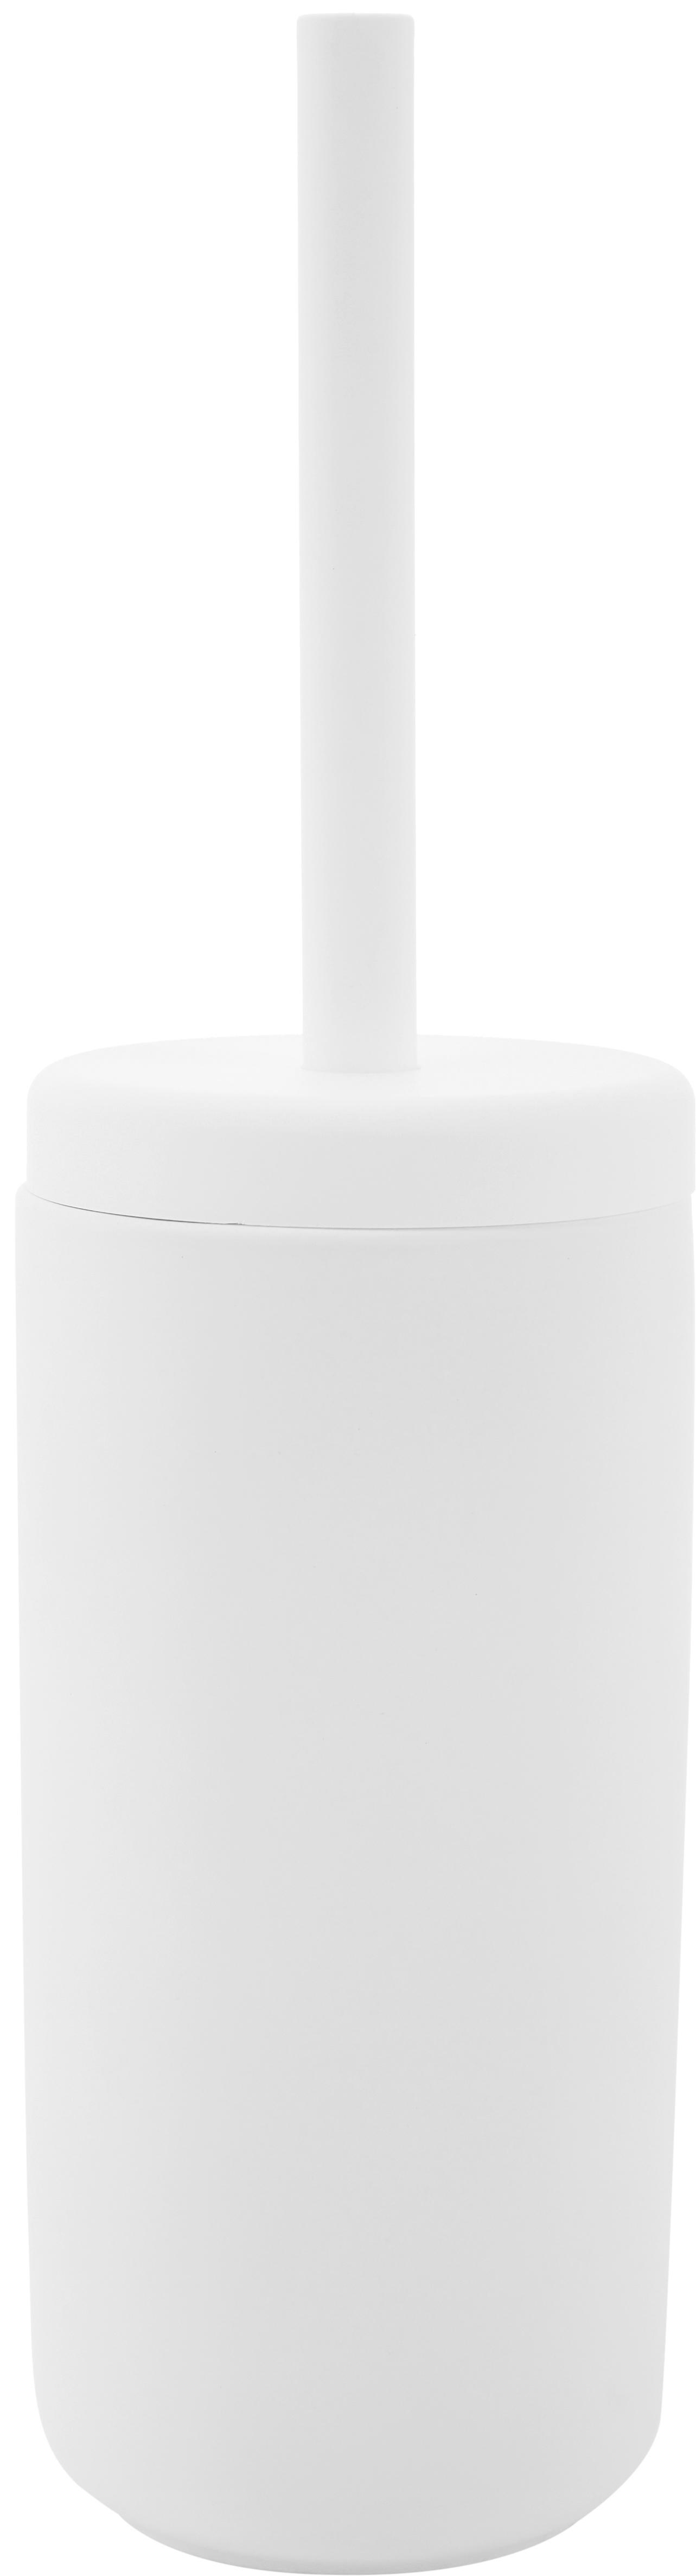 Toiletborstel Ume met keramische houder, Mat wit, Ø 10 x H 39 cm